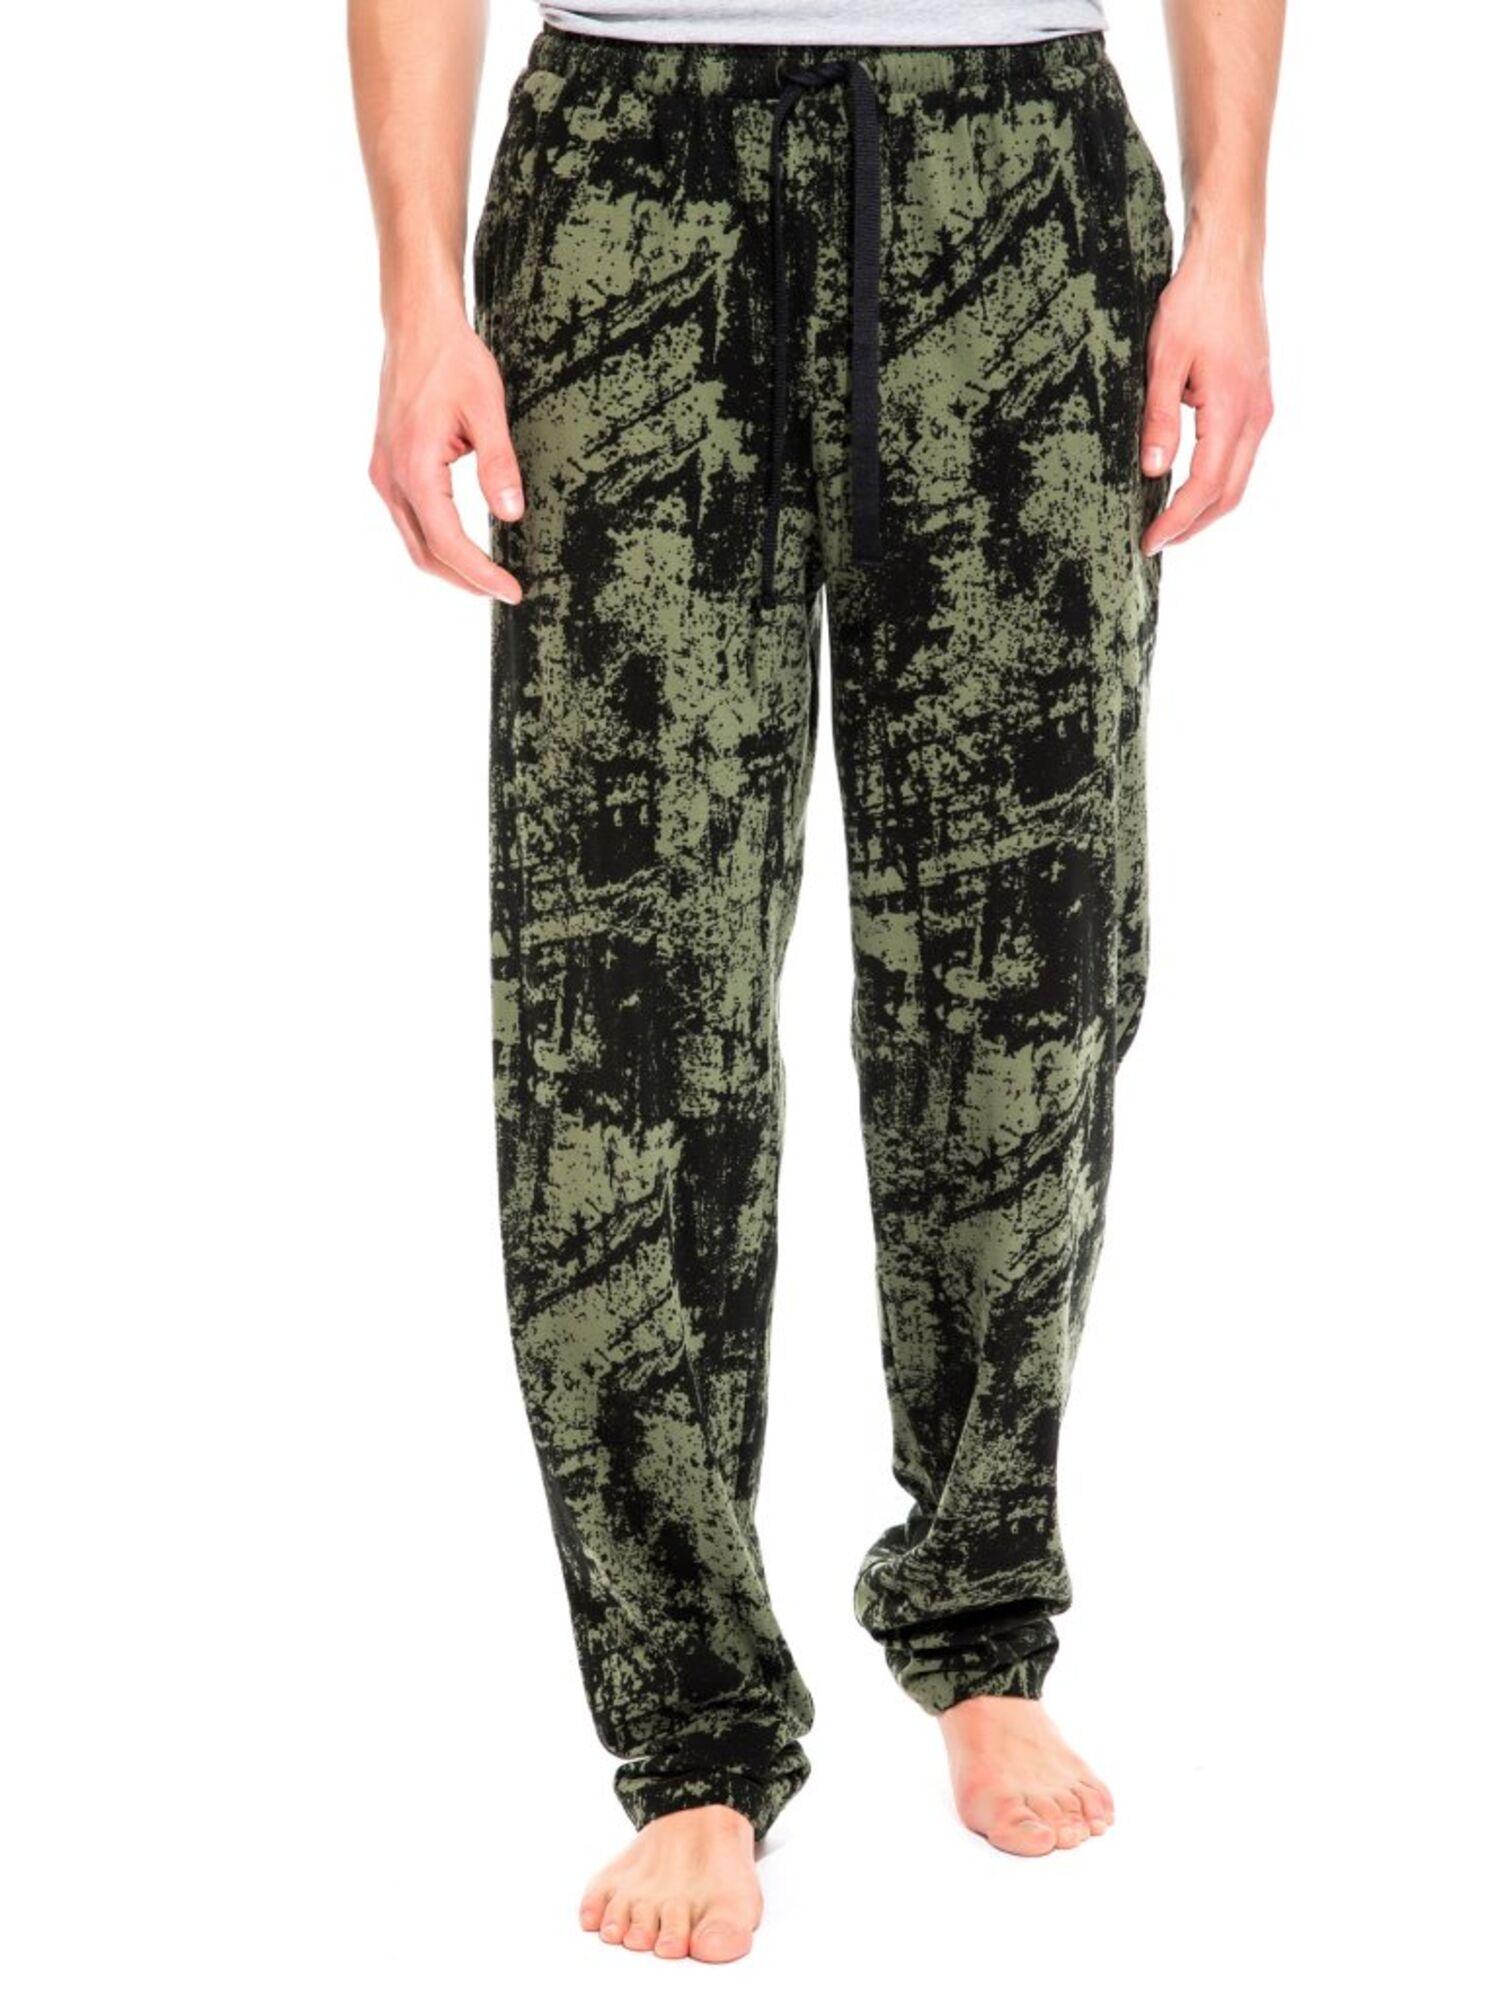 Легкие трикотажные брюки Graphiste 040 хаки